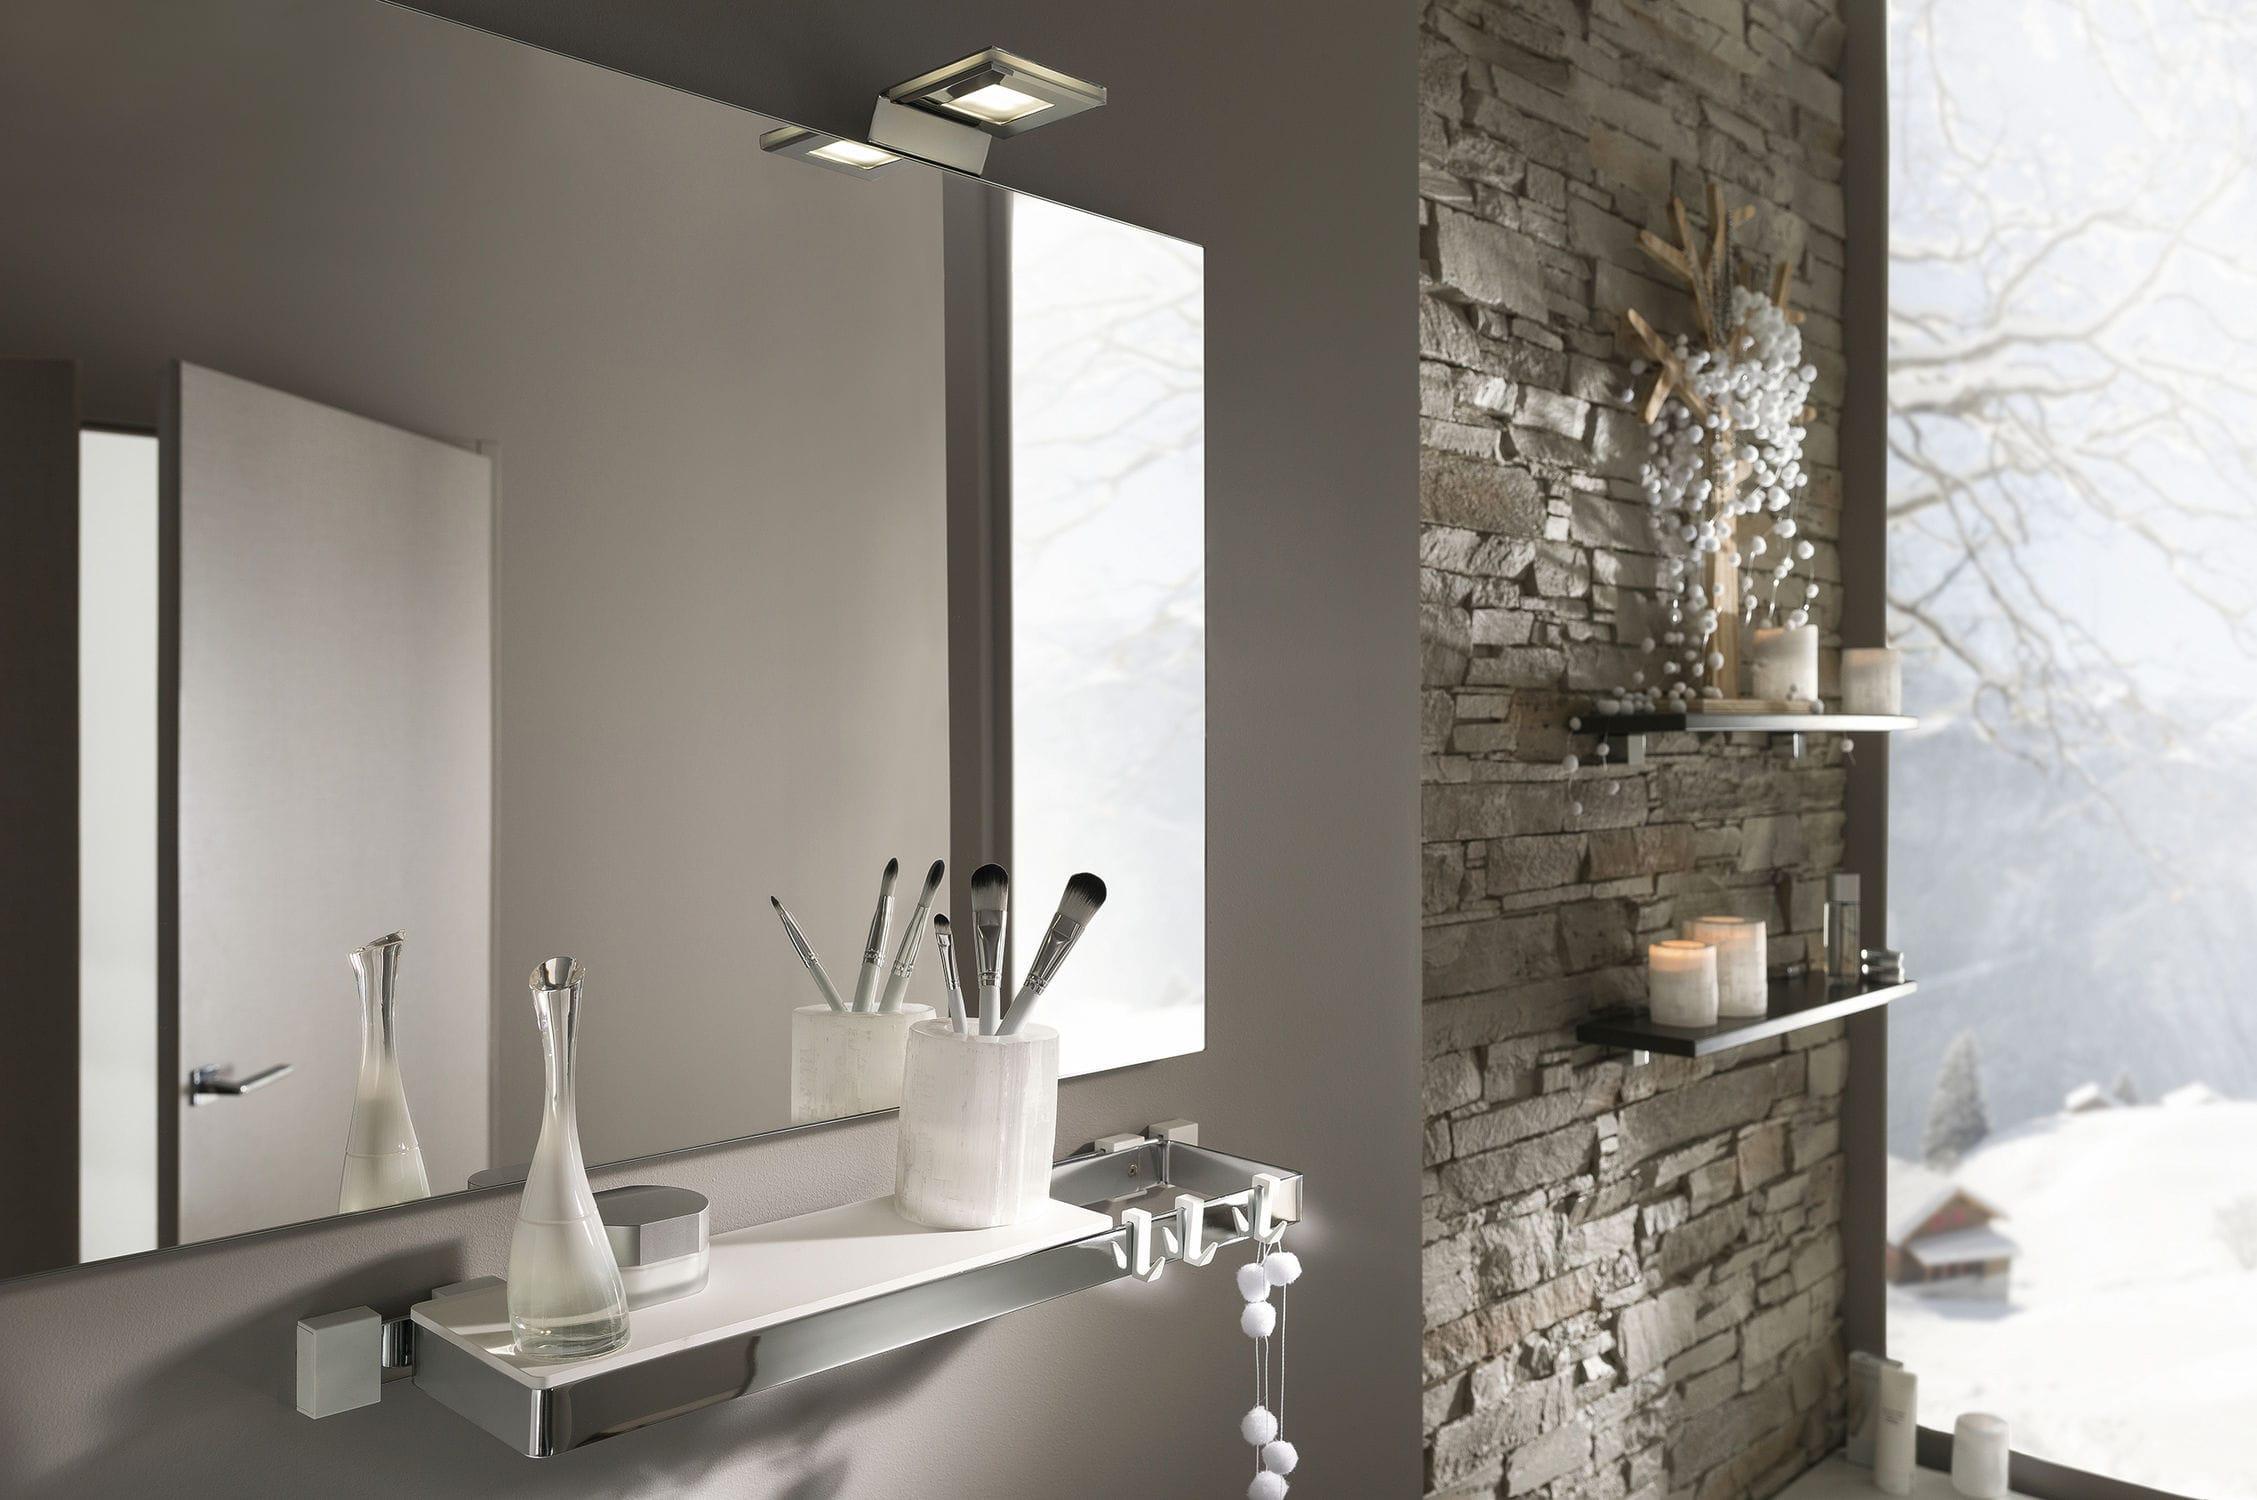 Salle De Bain Archi Expo ~ salle de bain contemporaine en verre laqu e unique sweet laque